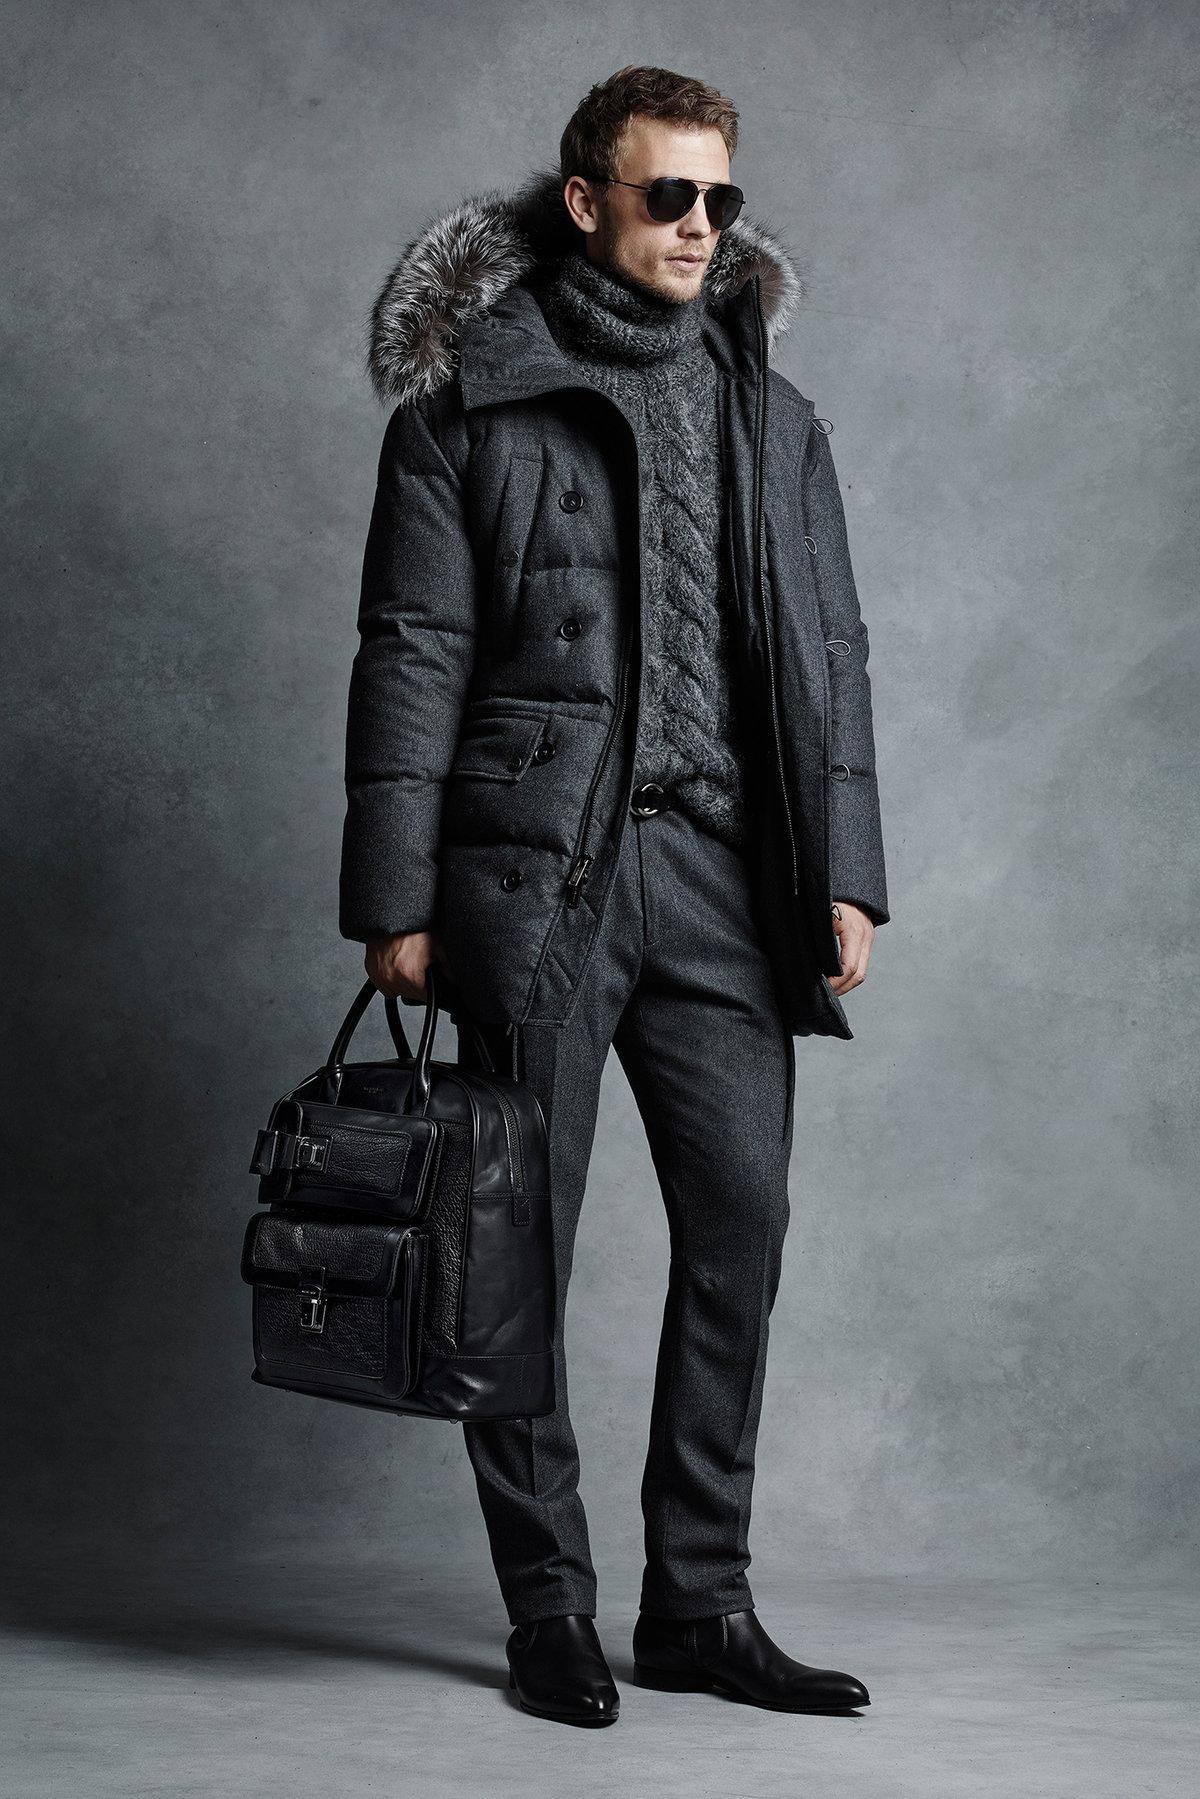 Зимняя одежда для мужчин фото